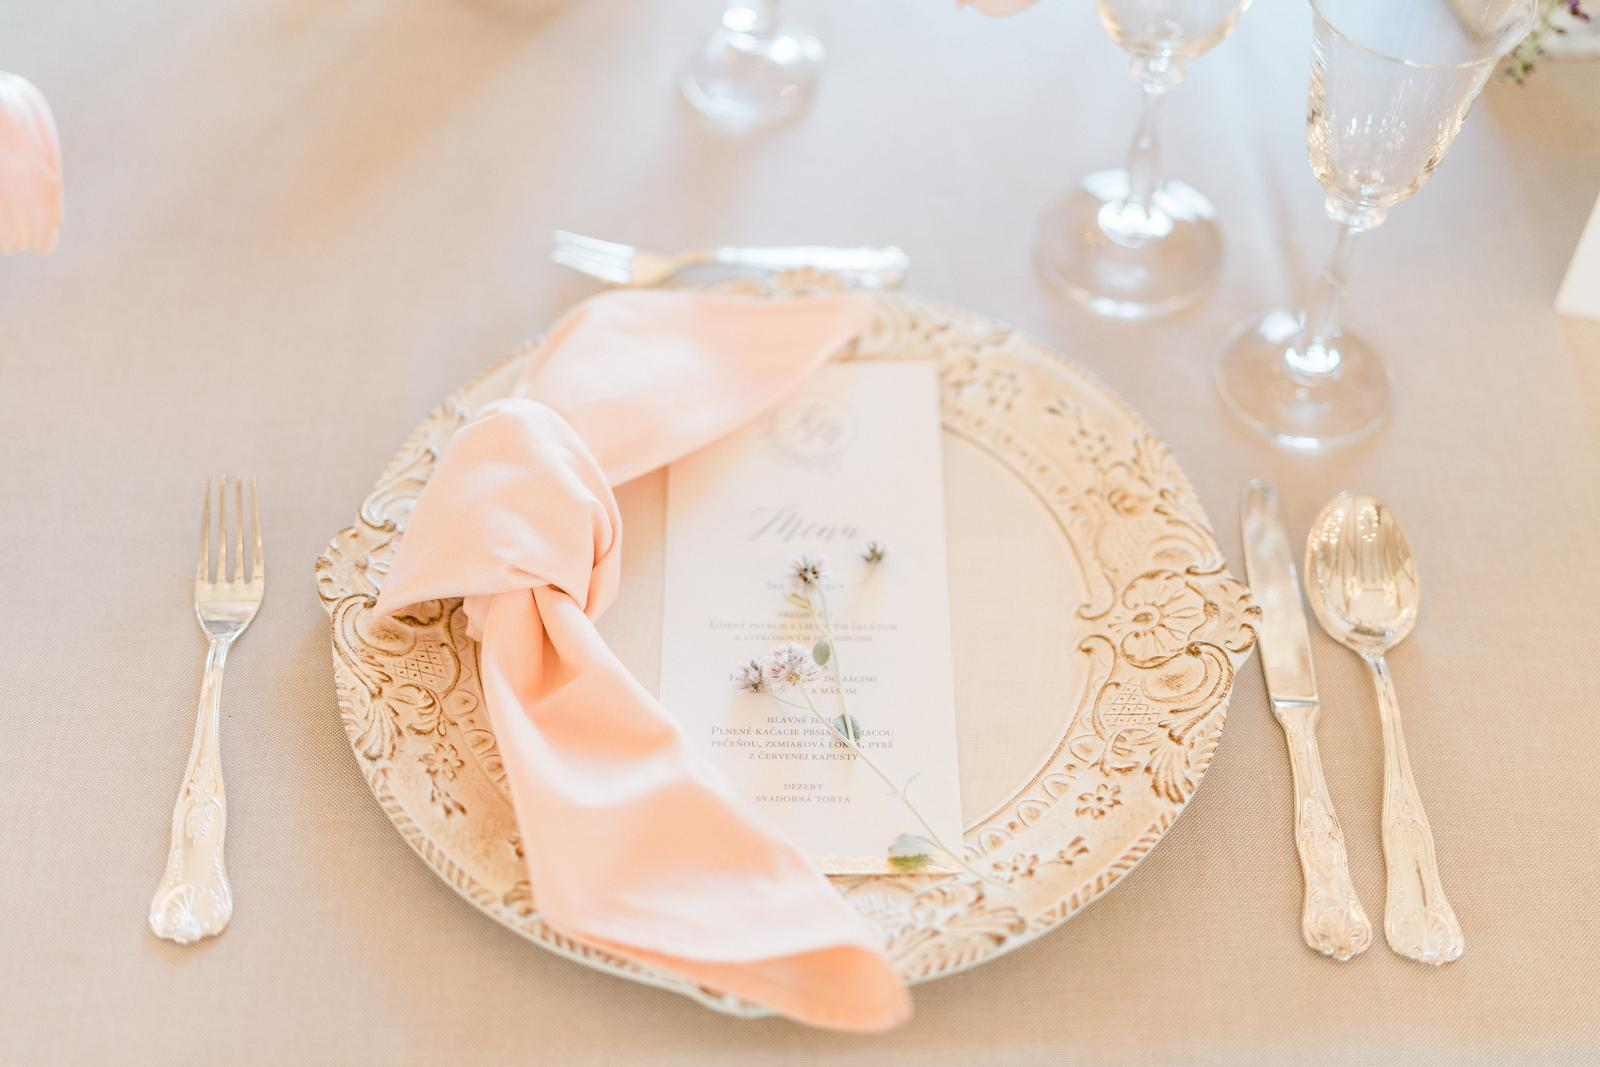 Nedbalá elegancia v pastelových tónoch - Foto: Pretty Photography